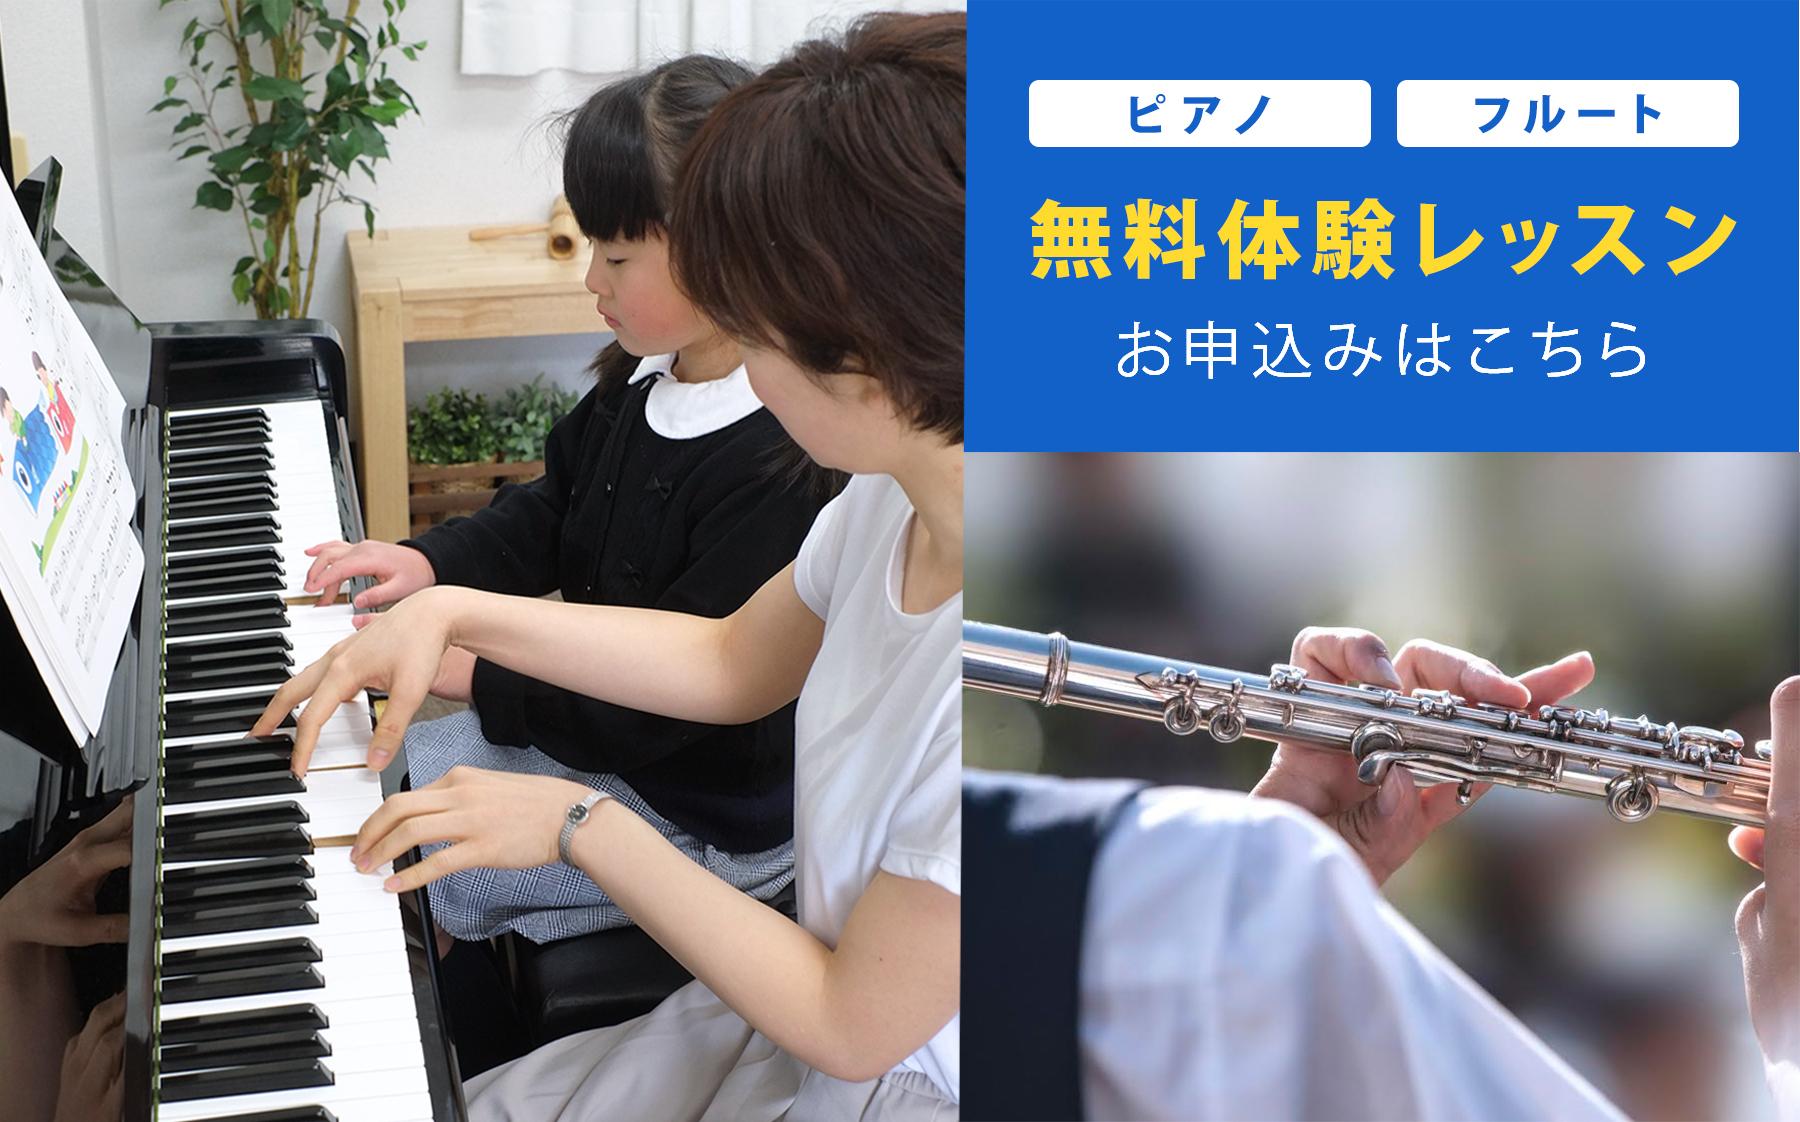 [ピアノ・フルート]無料体験レッスンはこちら